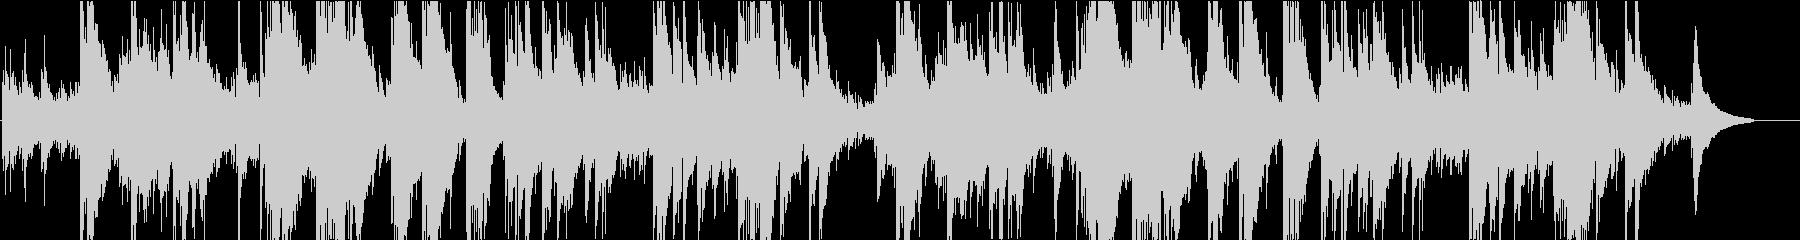 アコースティックギターソロ(EPfなし)の未再生の波形